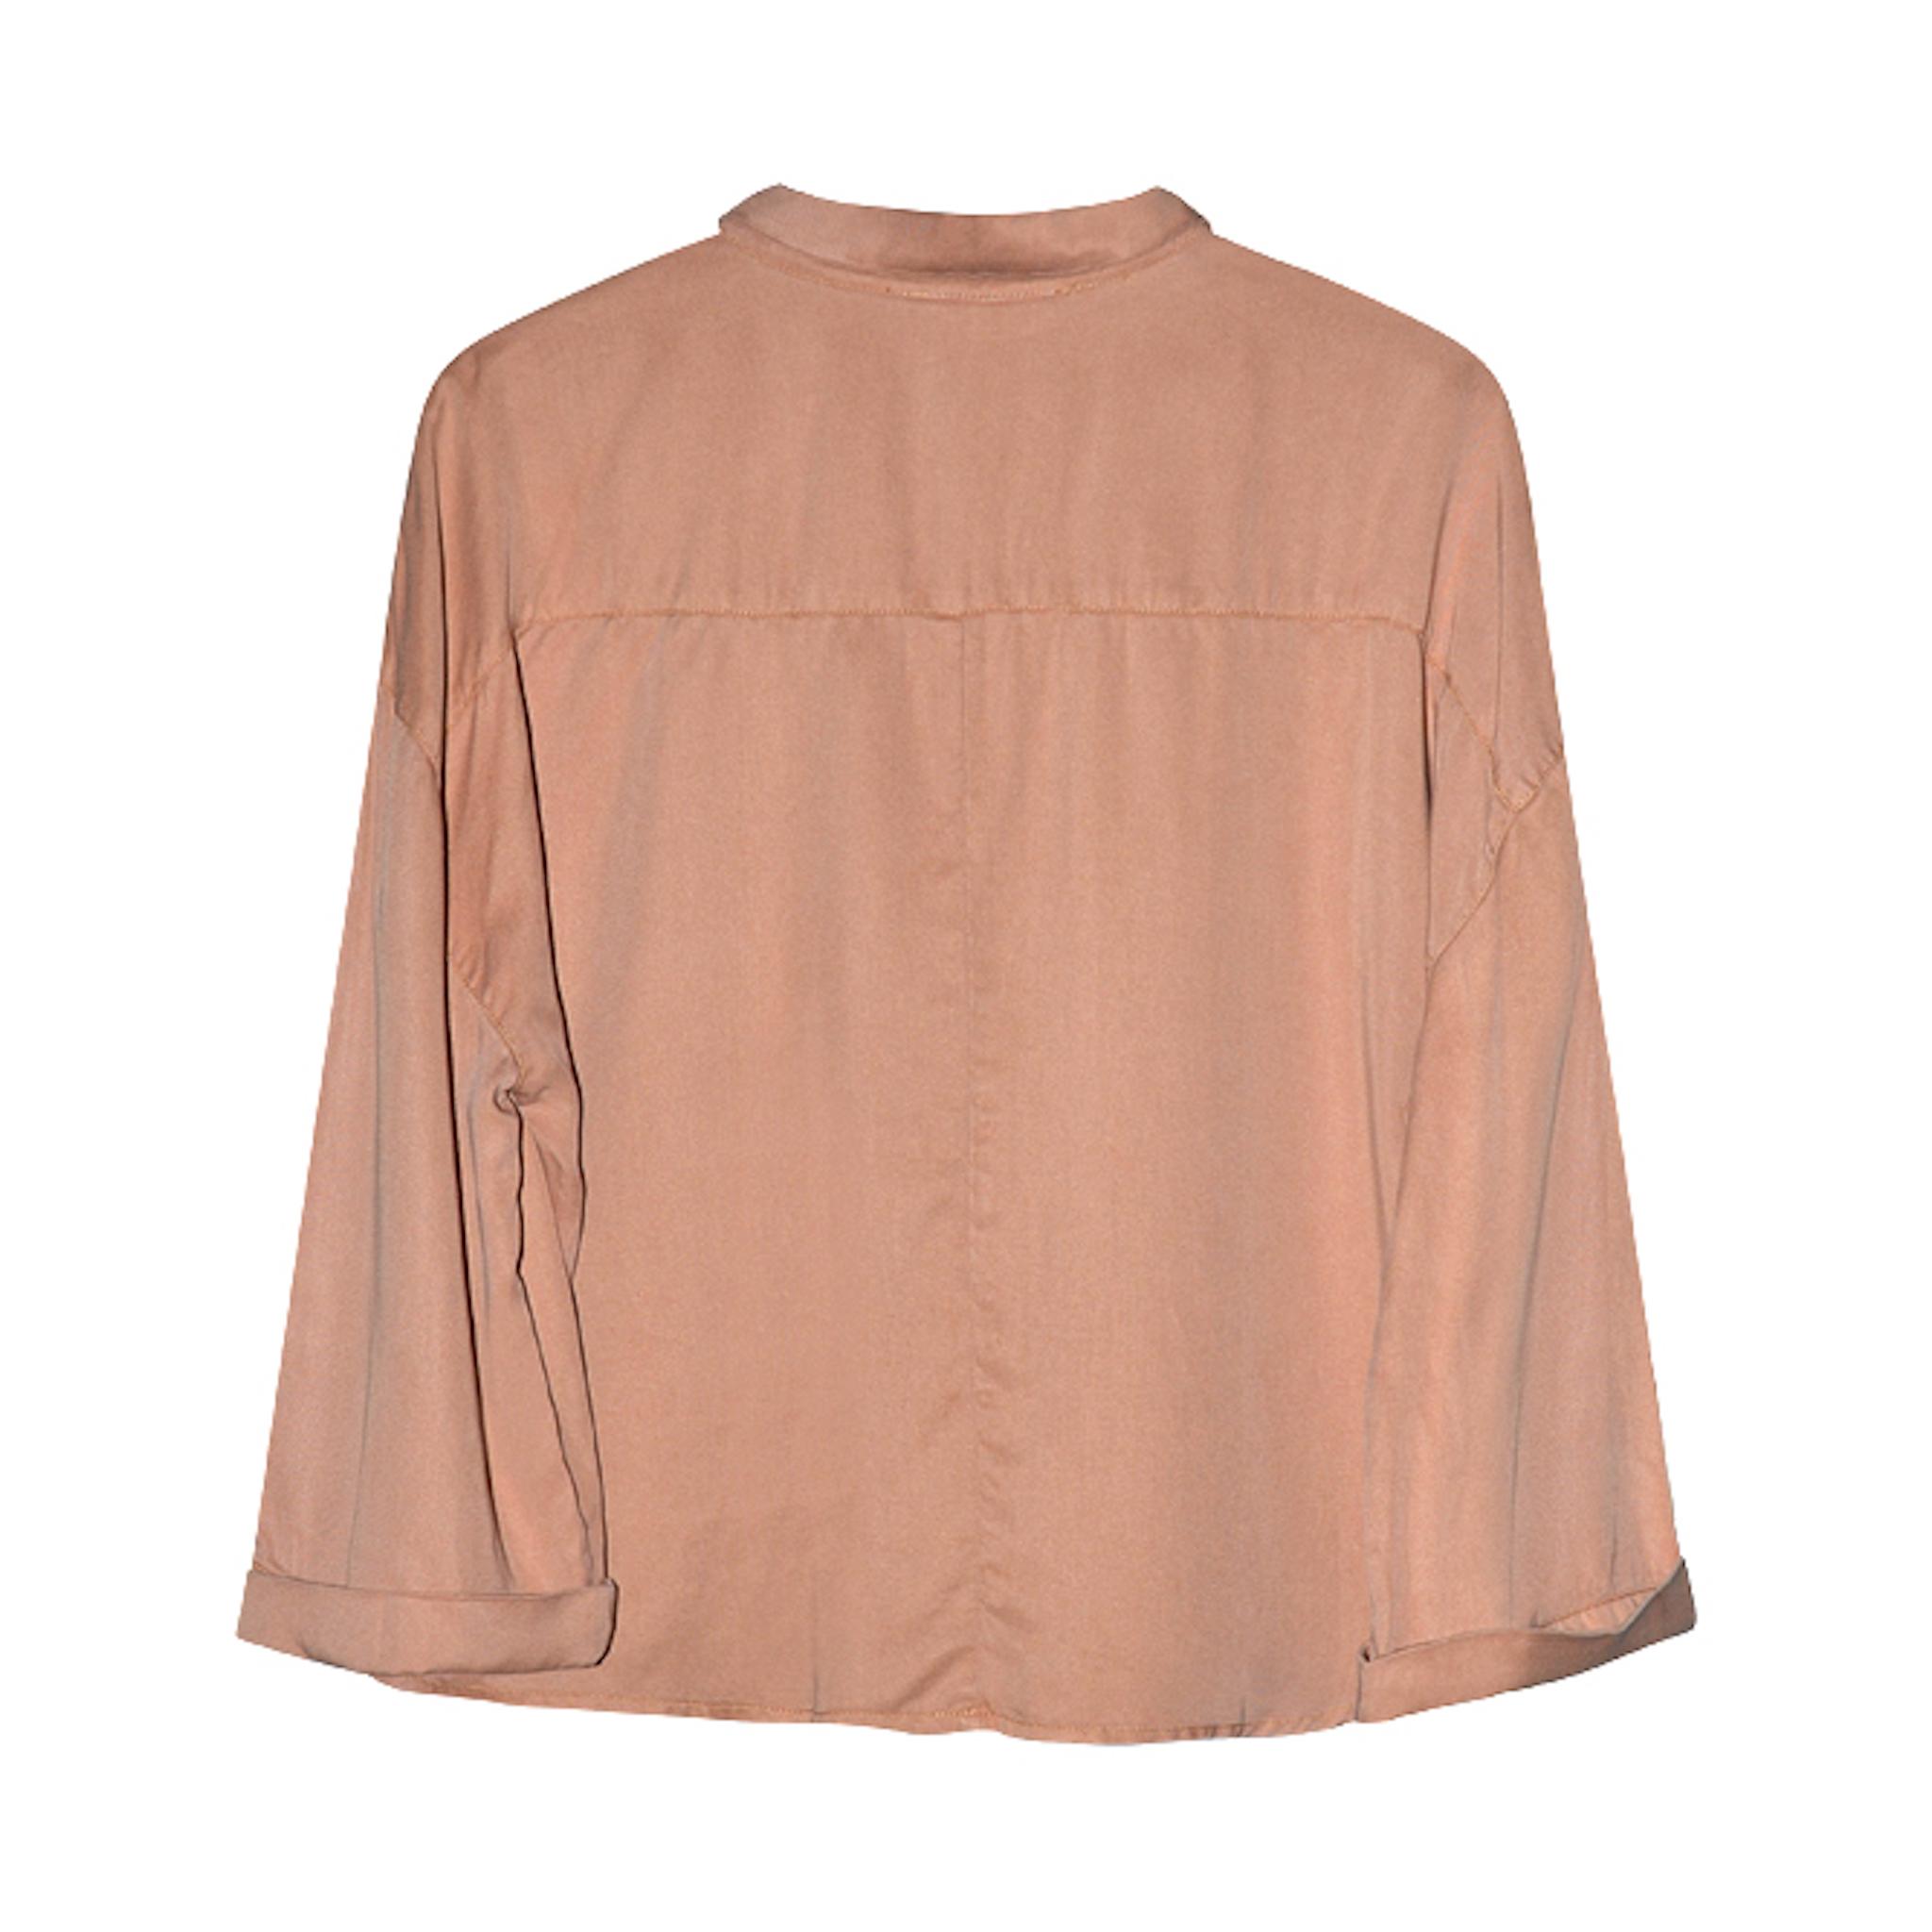 I dig denim - Beek Oversized Shirt - Nude